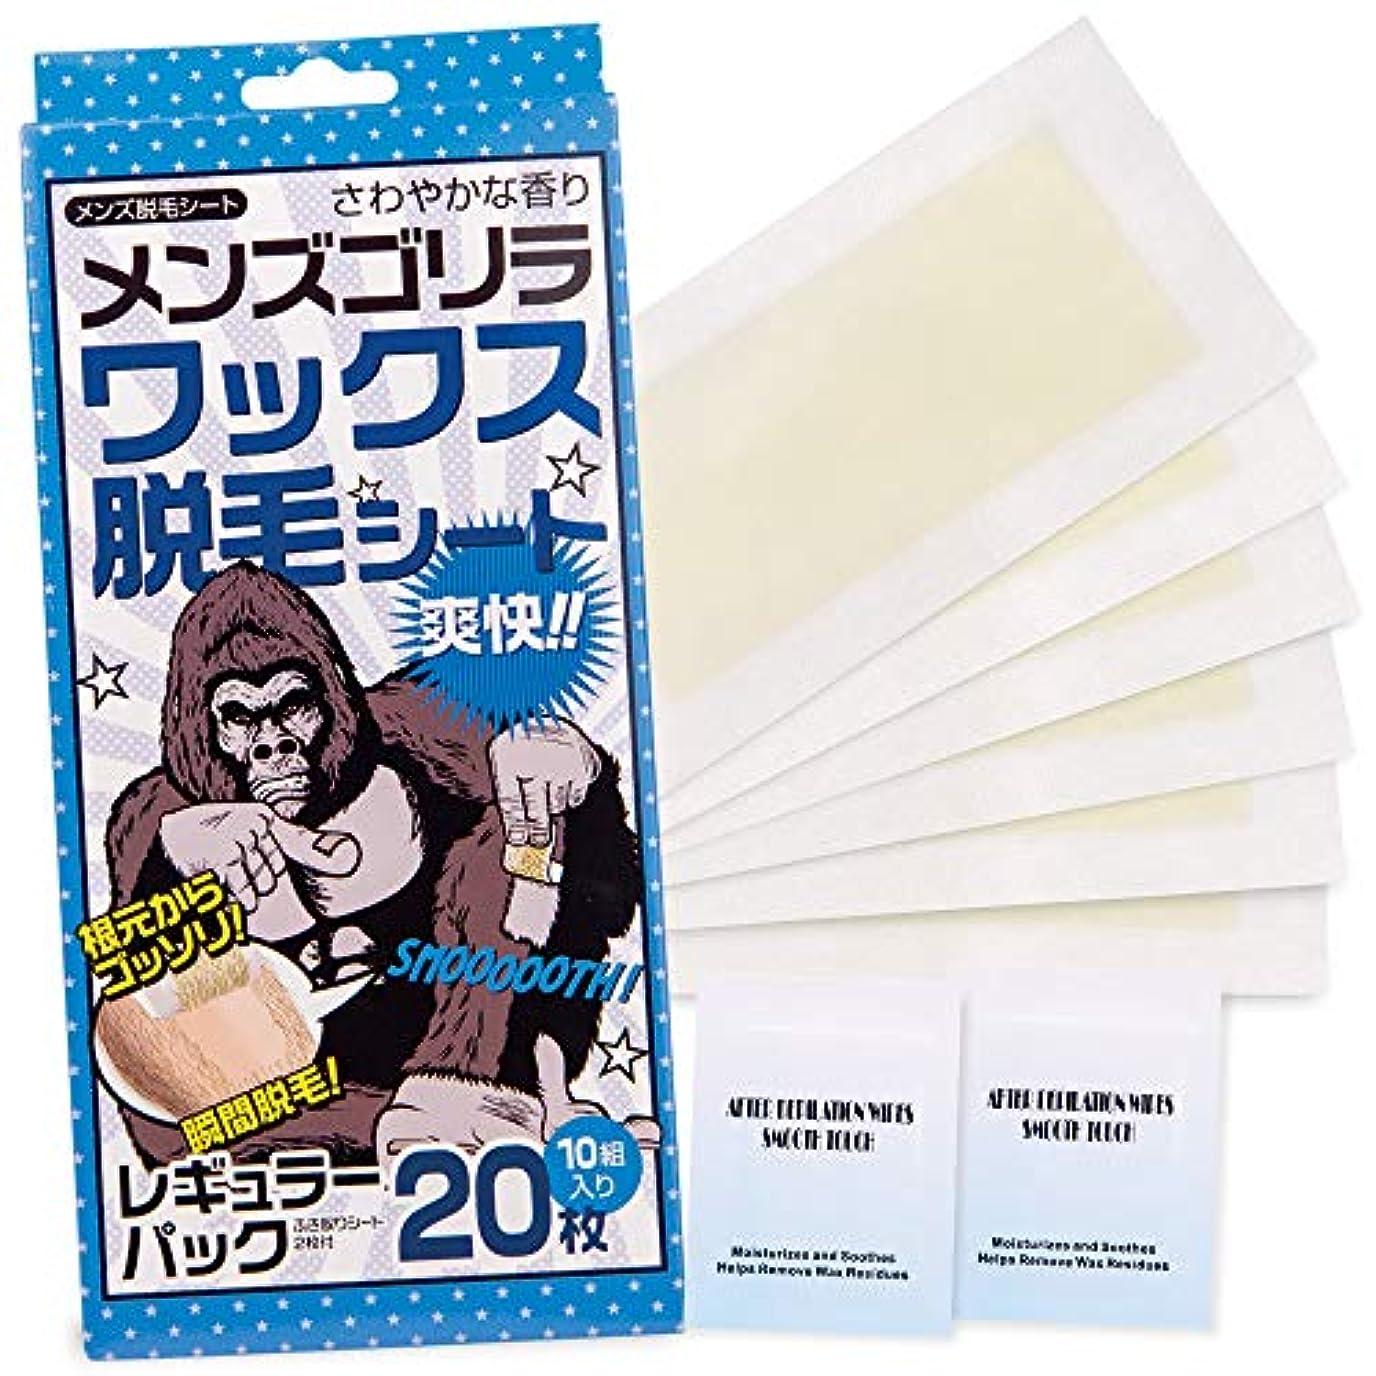 部屋を掃除する愚かな持続的メンズ脱毛シート「ゴリラ」 レギュラーパック10組20枚入り